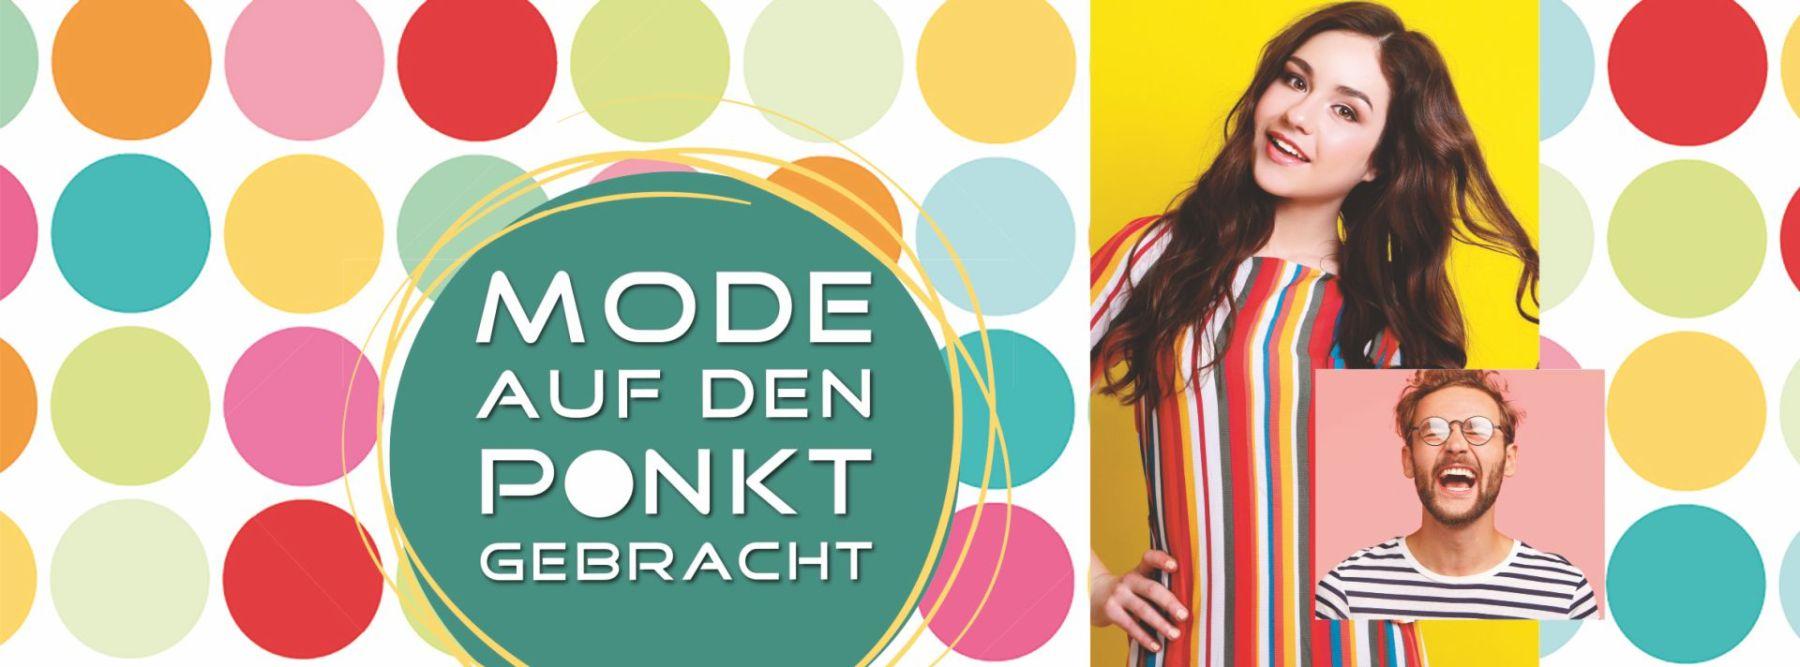 mode_auf_den_punkt